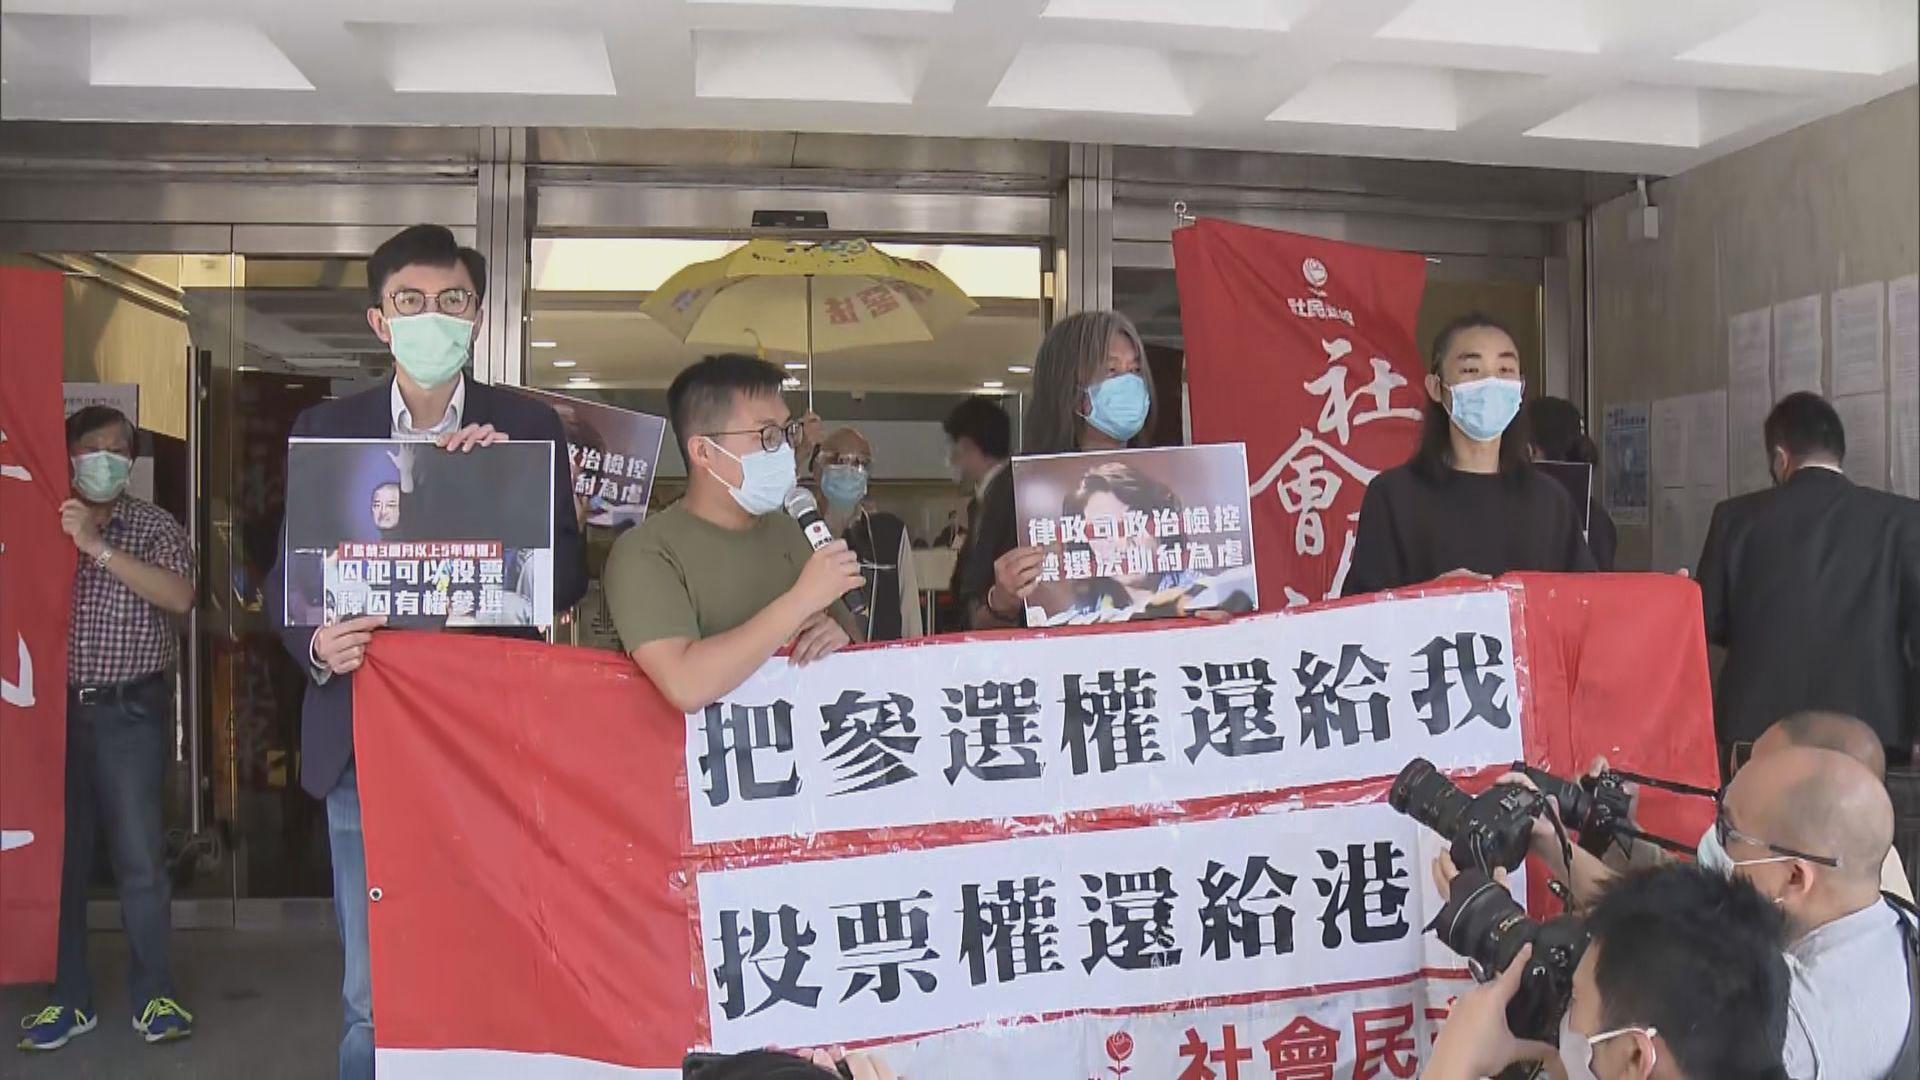 黃浩銘提司法覆核案 法官押後頒布裁決